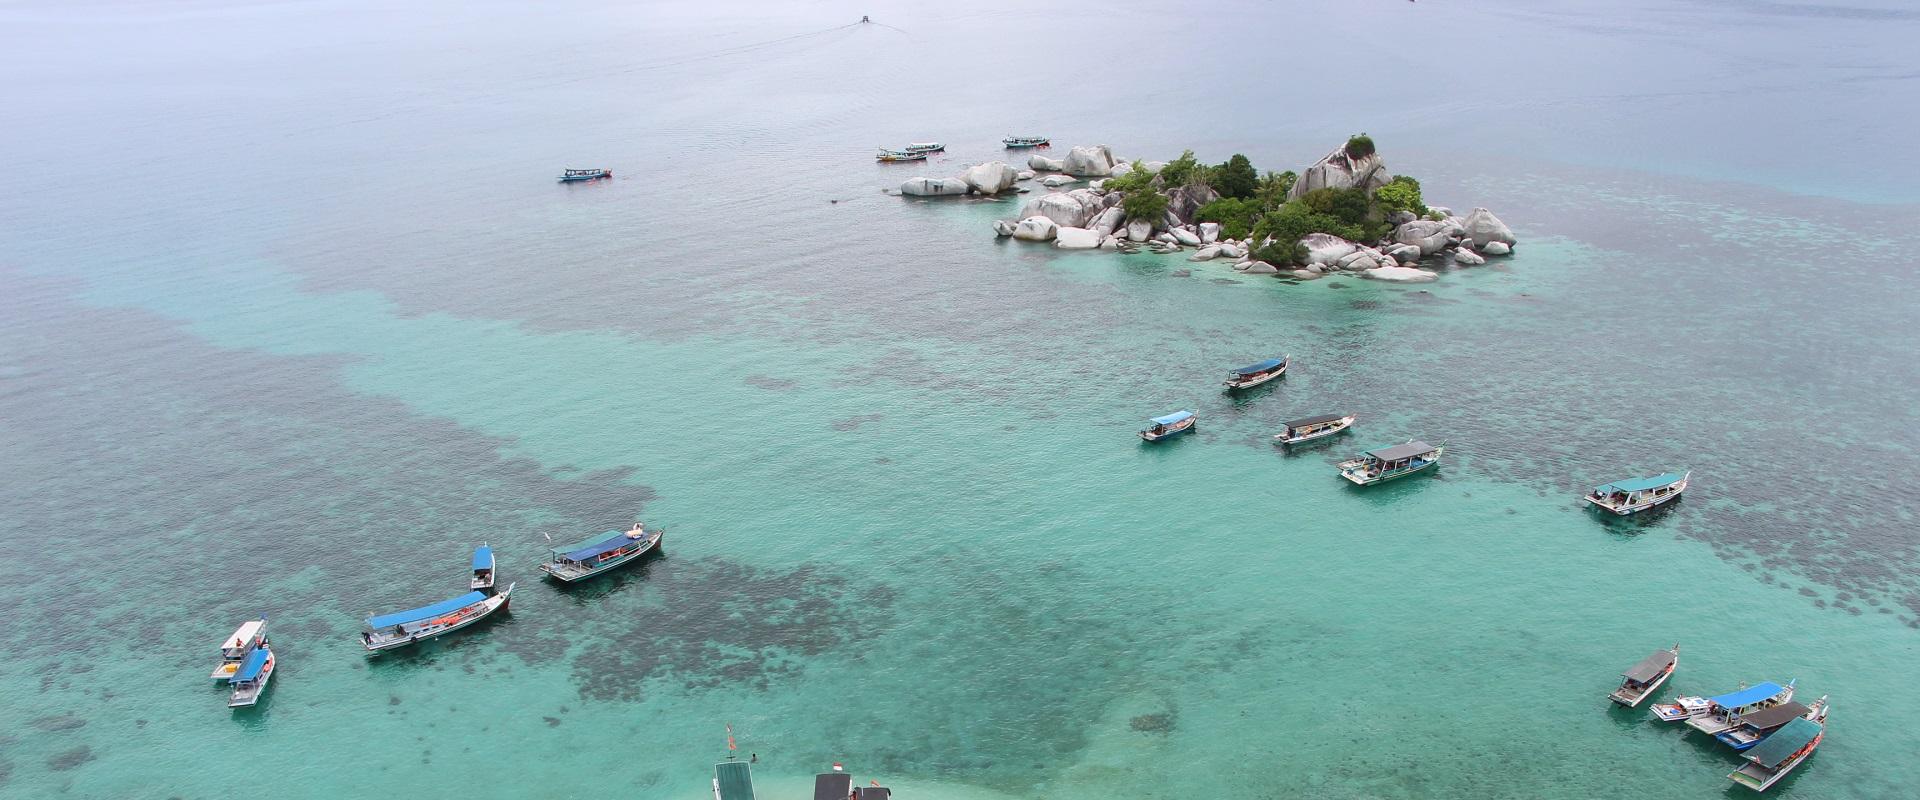 Paket Belitung Tour Belitung 2020 Terbaik dan Terlengkap